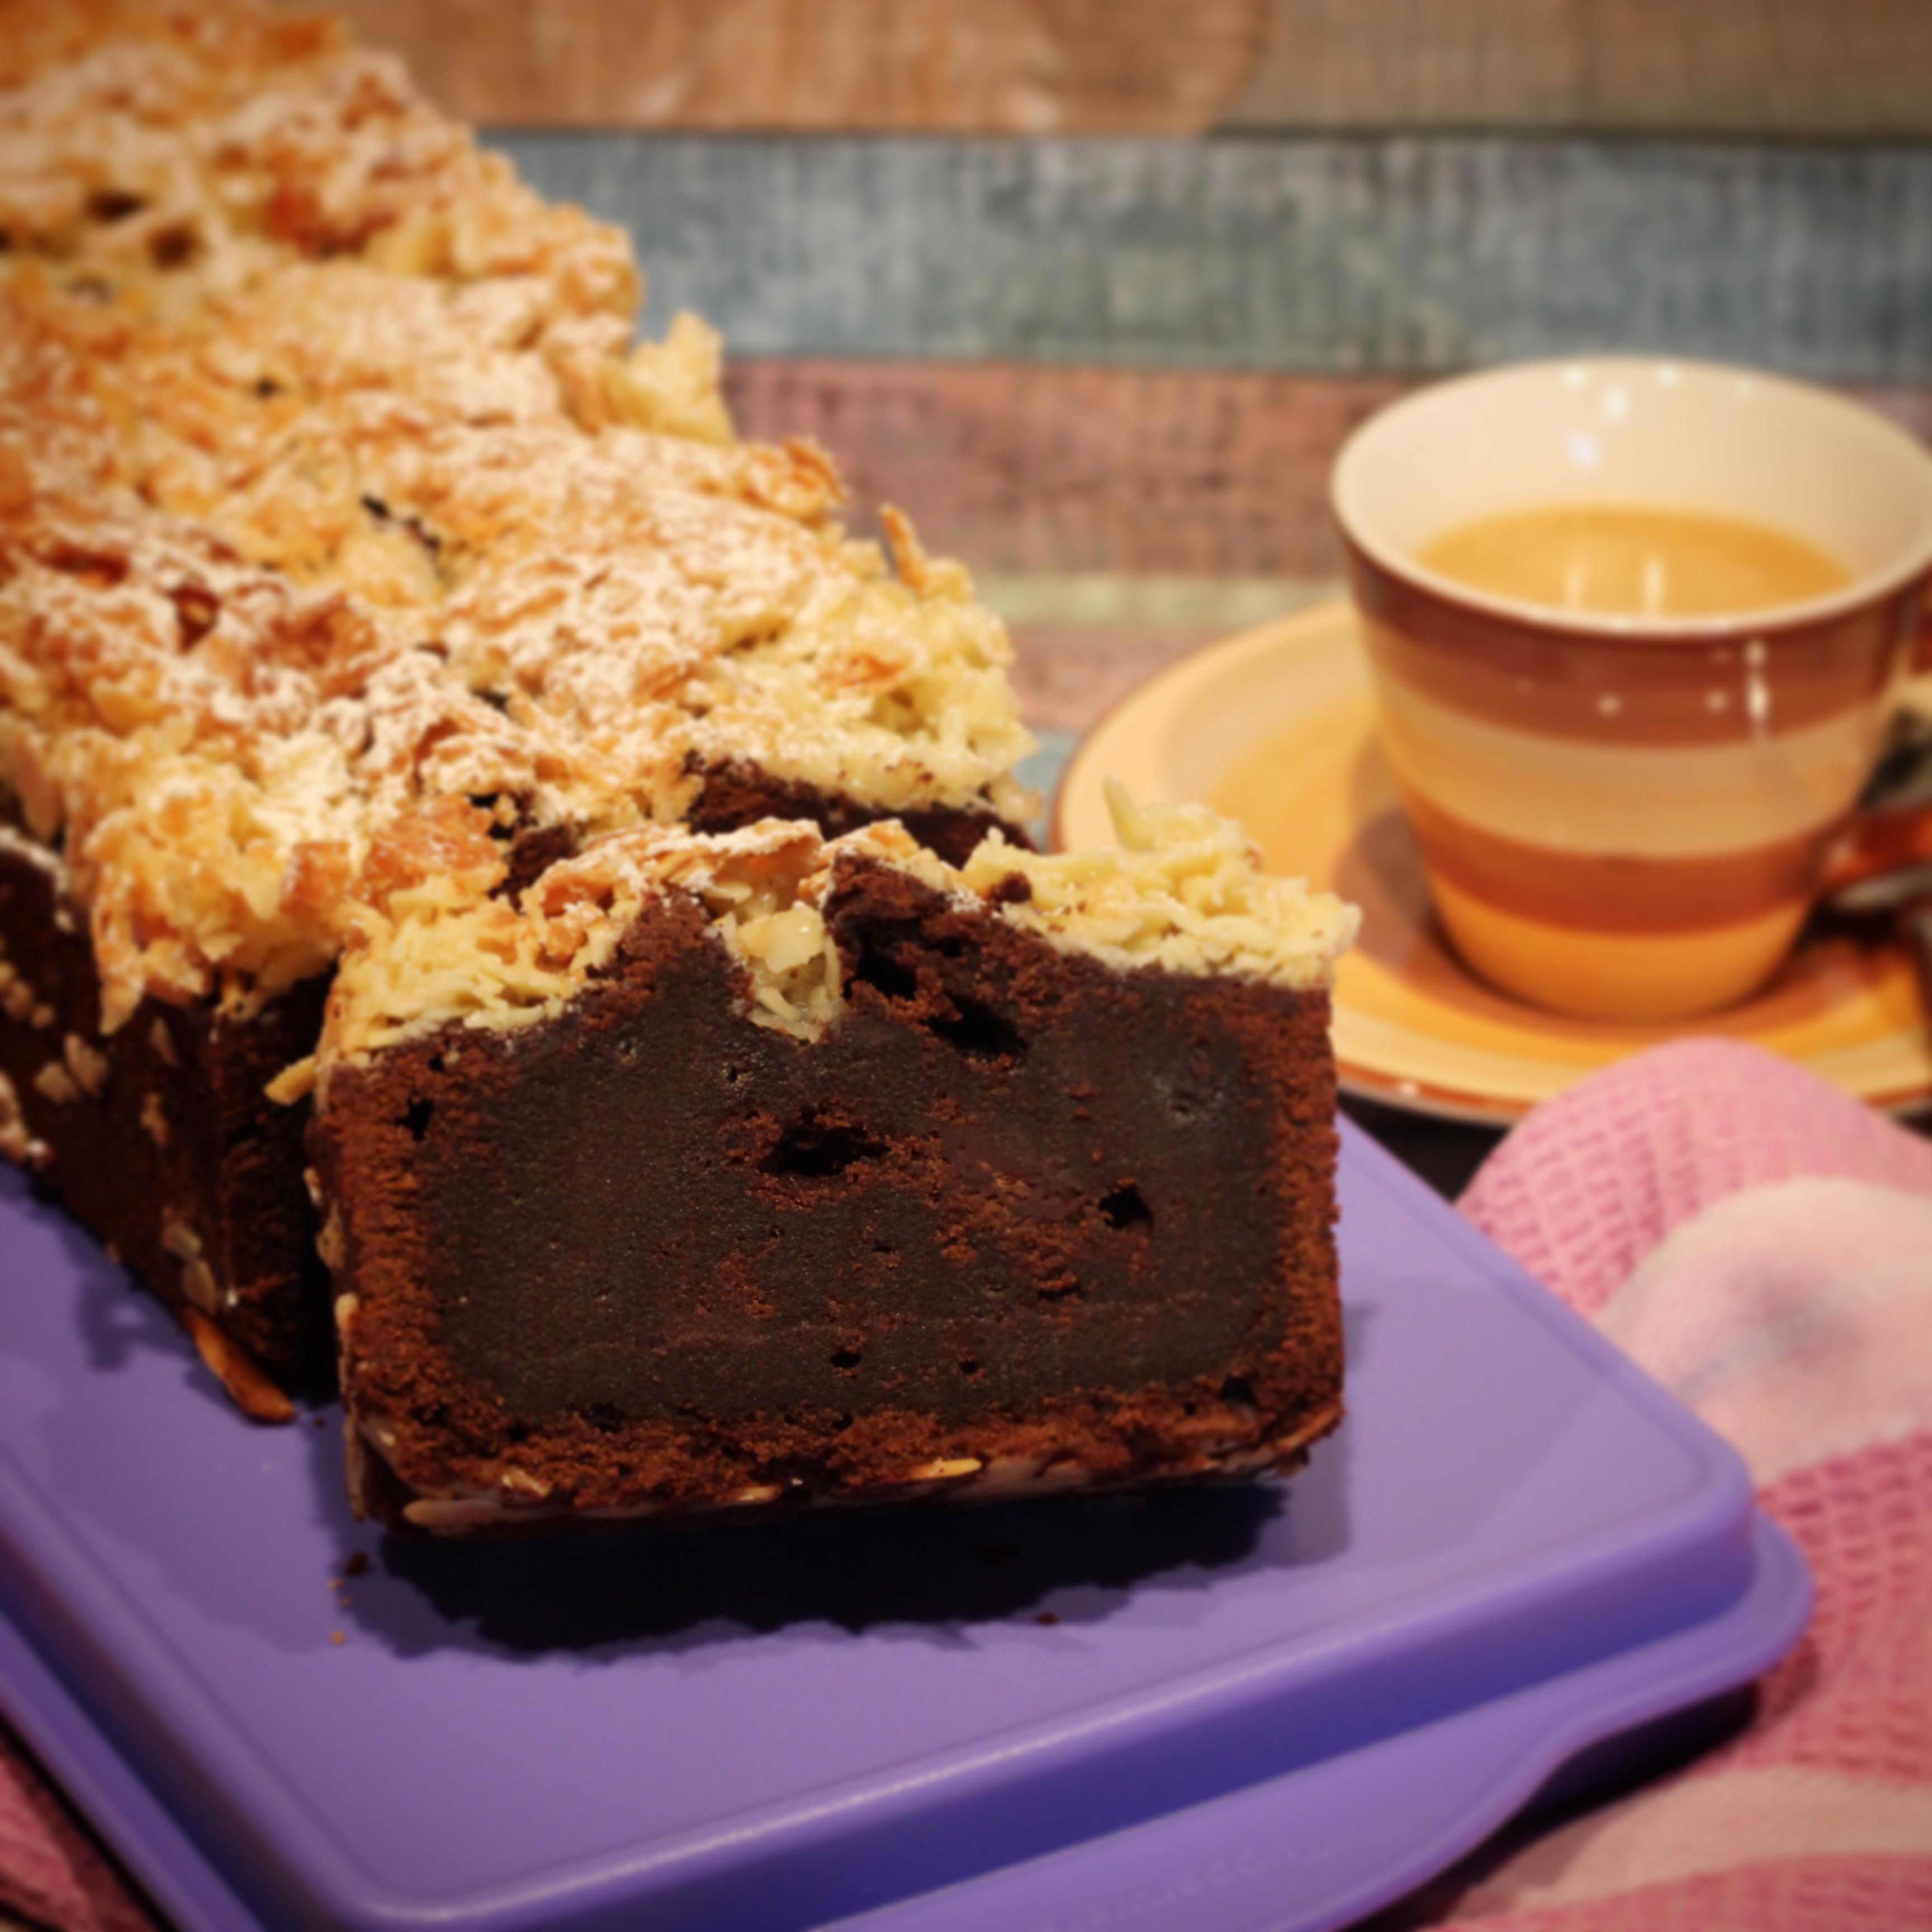 Schokoladenkuchen mit Bienenstichkruste - Kathis Rezepte (3)